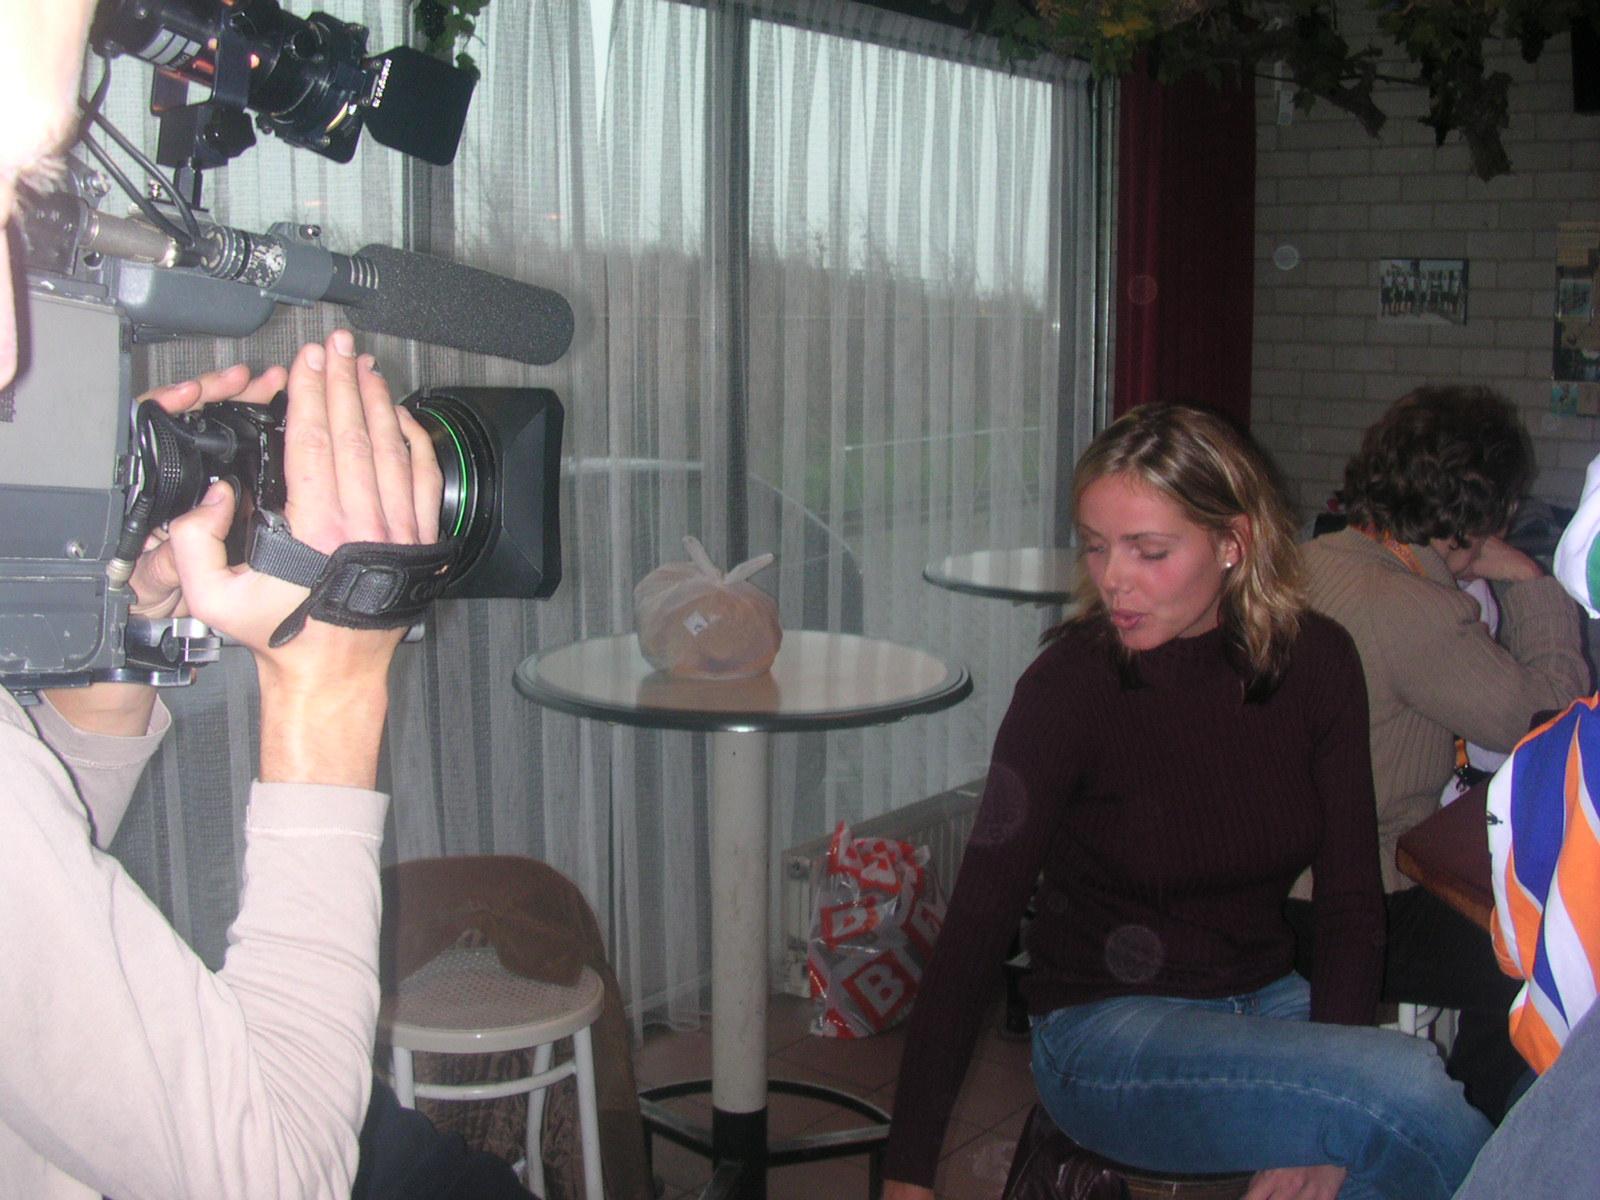 rencontre femme oran algerie Fontenay-sous-Bois